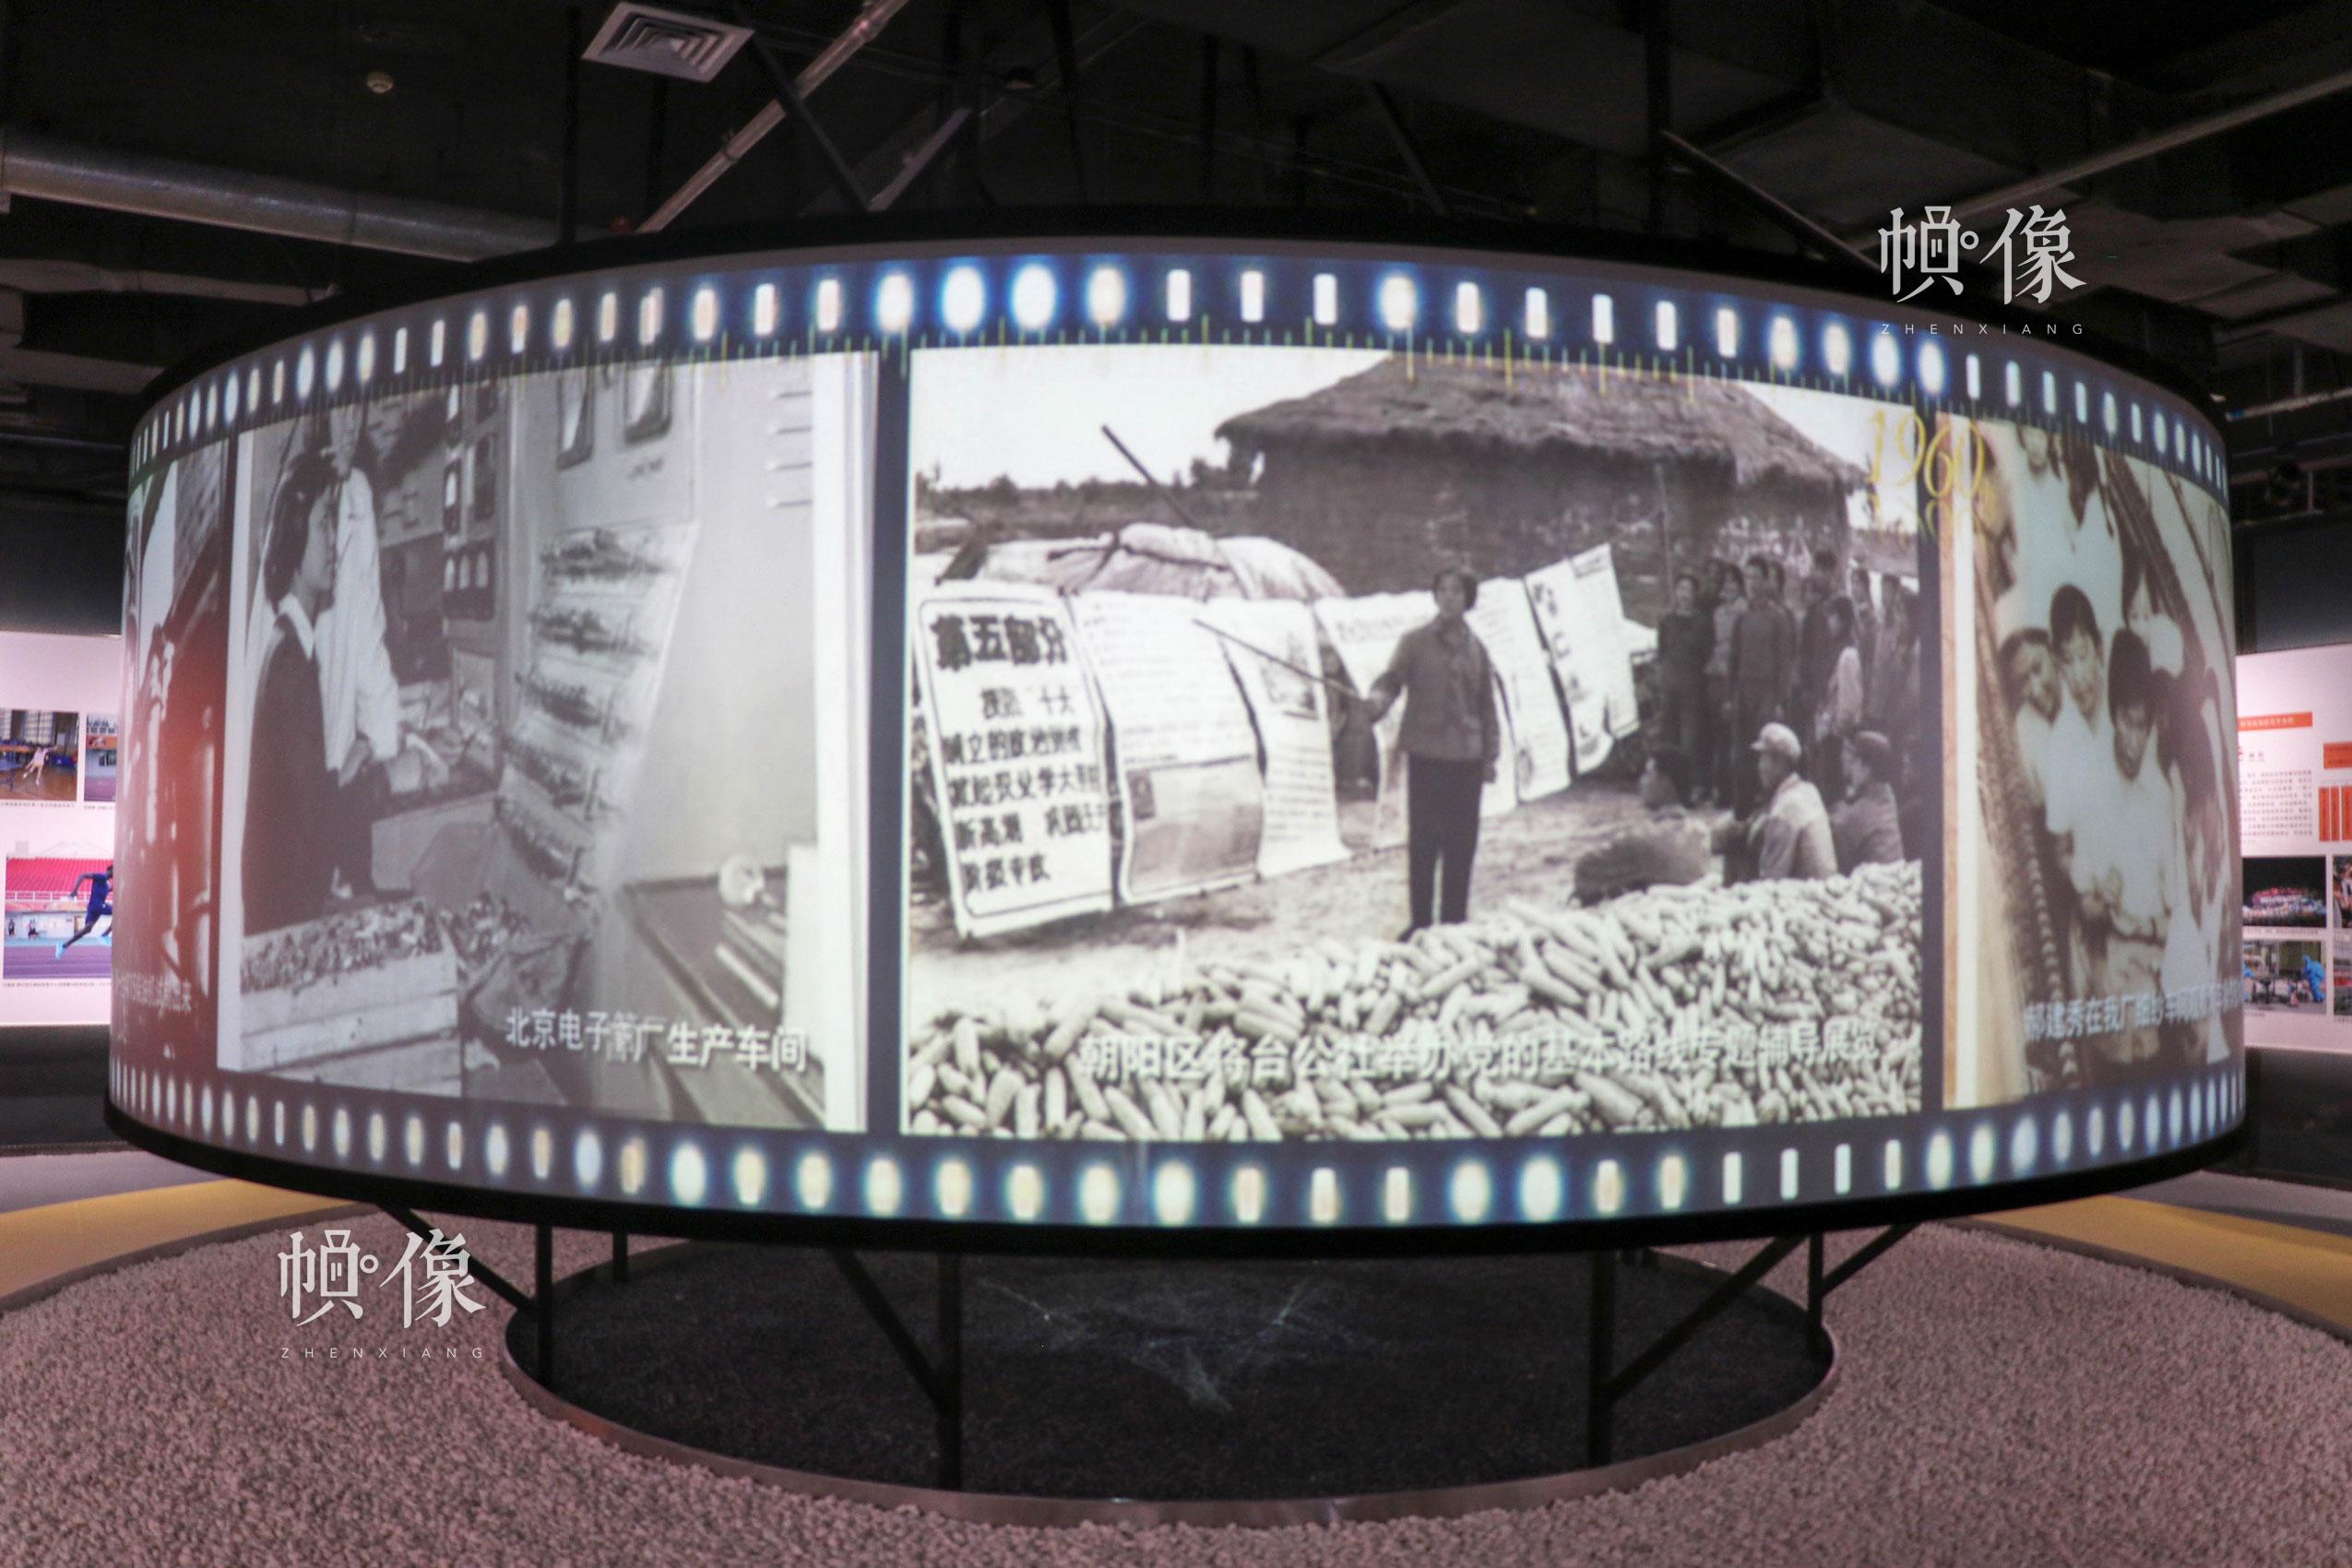 朝阳规划艺术馆时光轮项目,呈现了朝阳区自1958年建区以来从农业、工业到现代服务业大区的变迁以及群众文化活动的演变。中国网实习记者 朱珊杉 摄